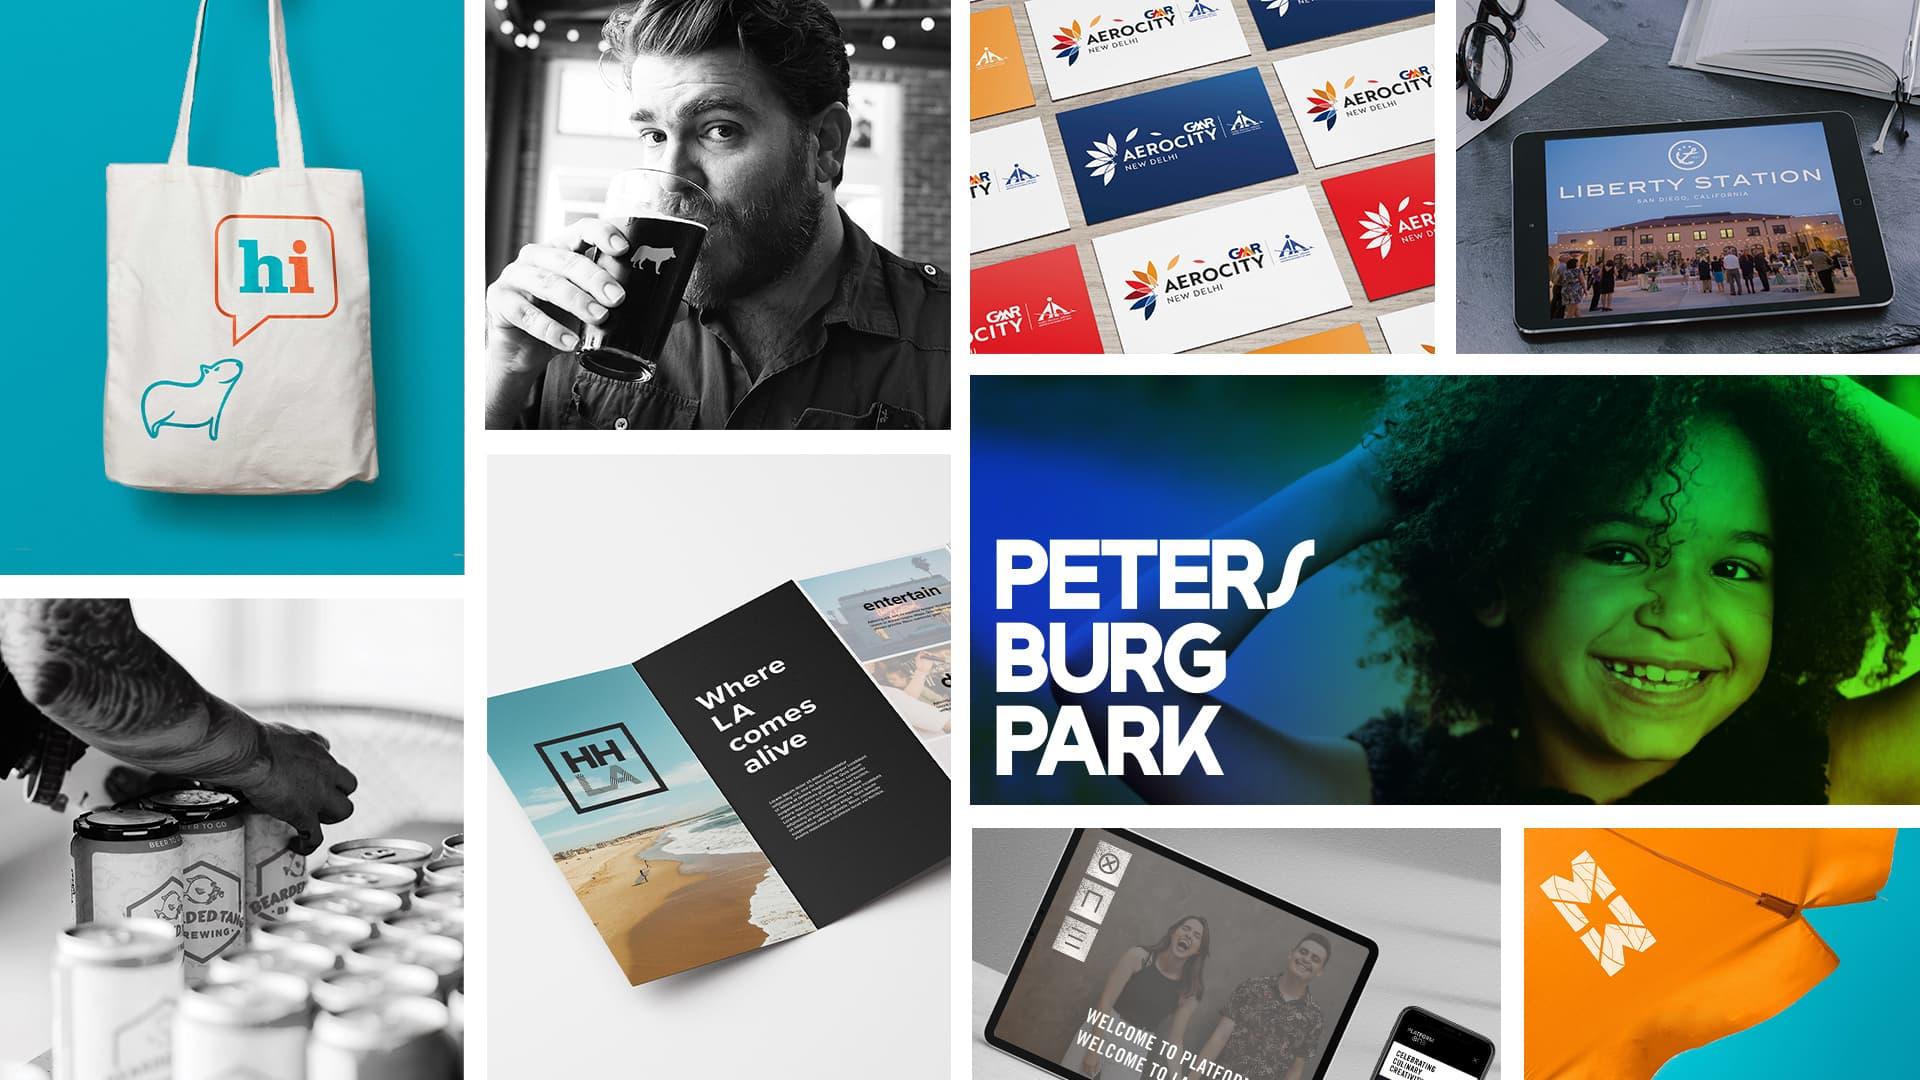 Branding and Logo Designs by RSM Design branding studio.